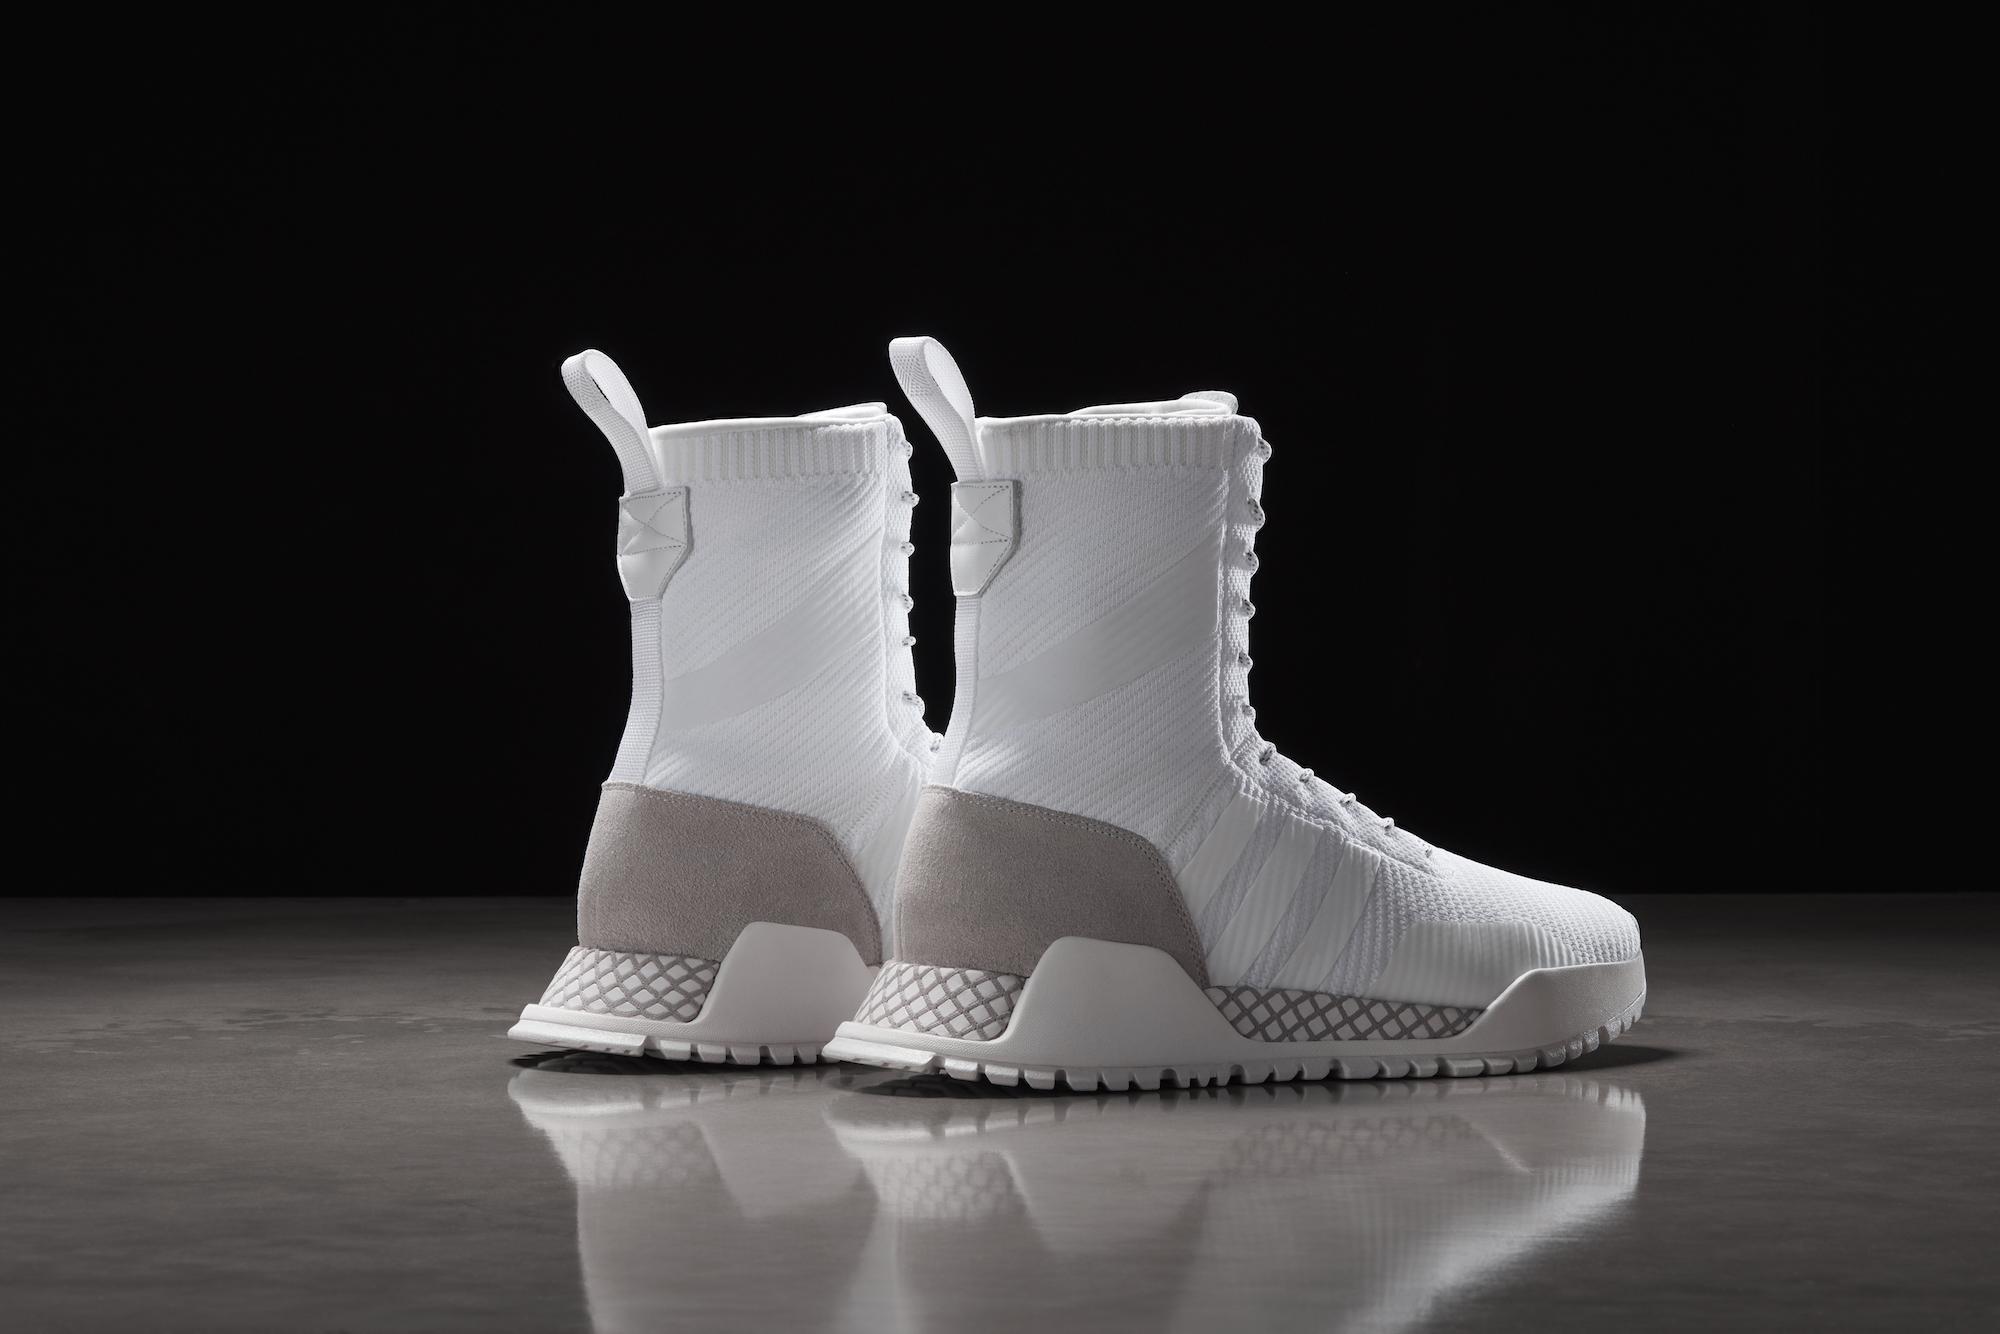 Fugaz Concentración Máquina de escribir  adidas Unveils the AF 1.3 PK, a Weather-Proof Primeknit Boot - WearTesters